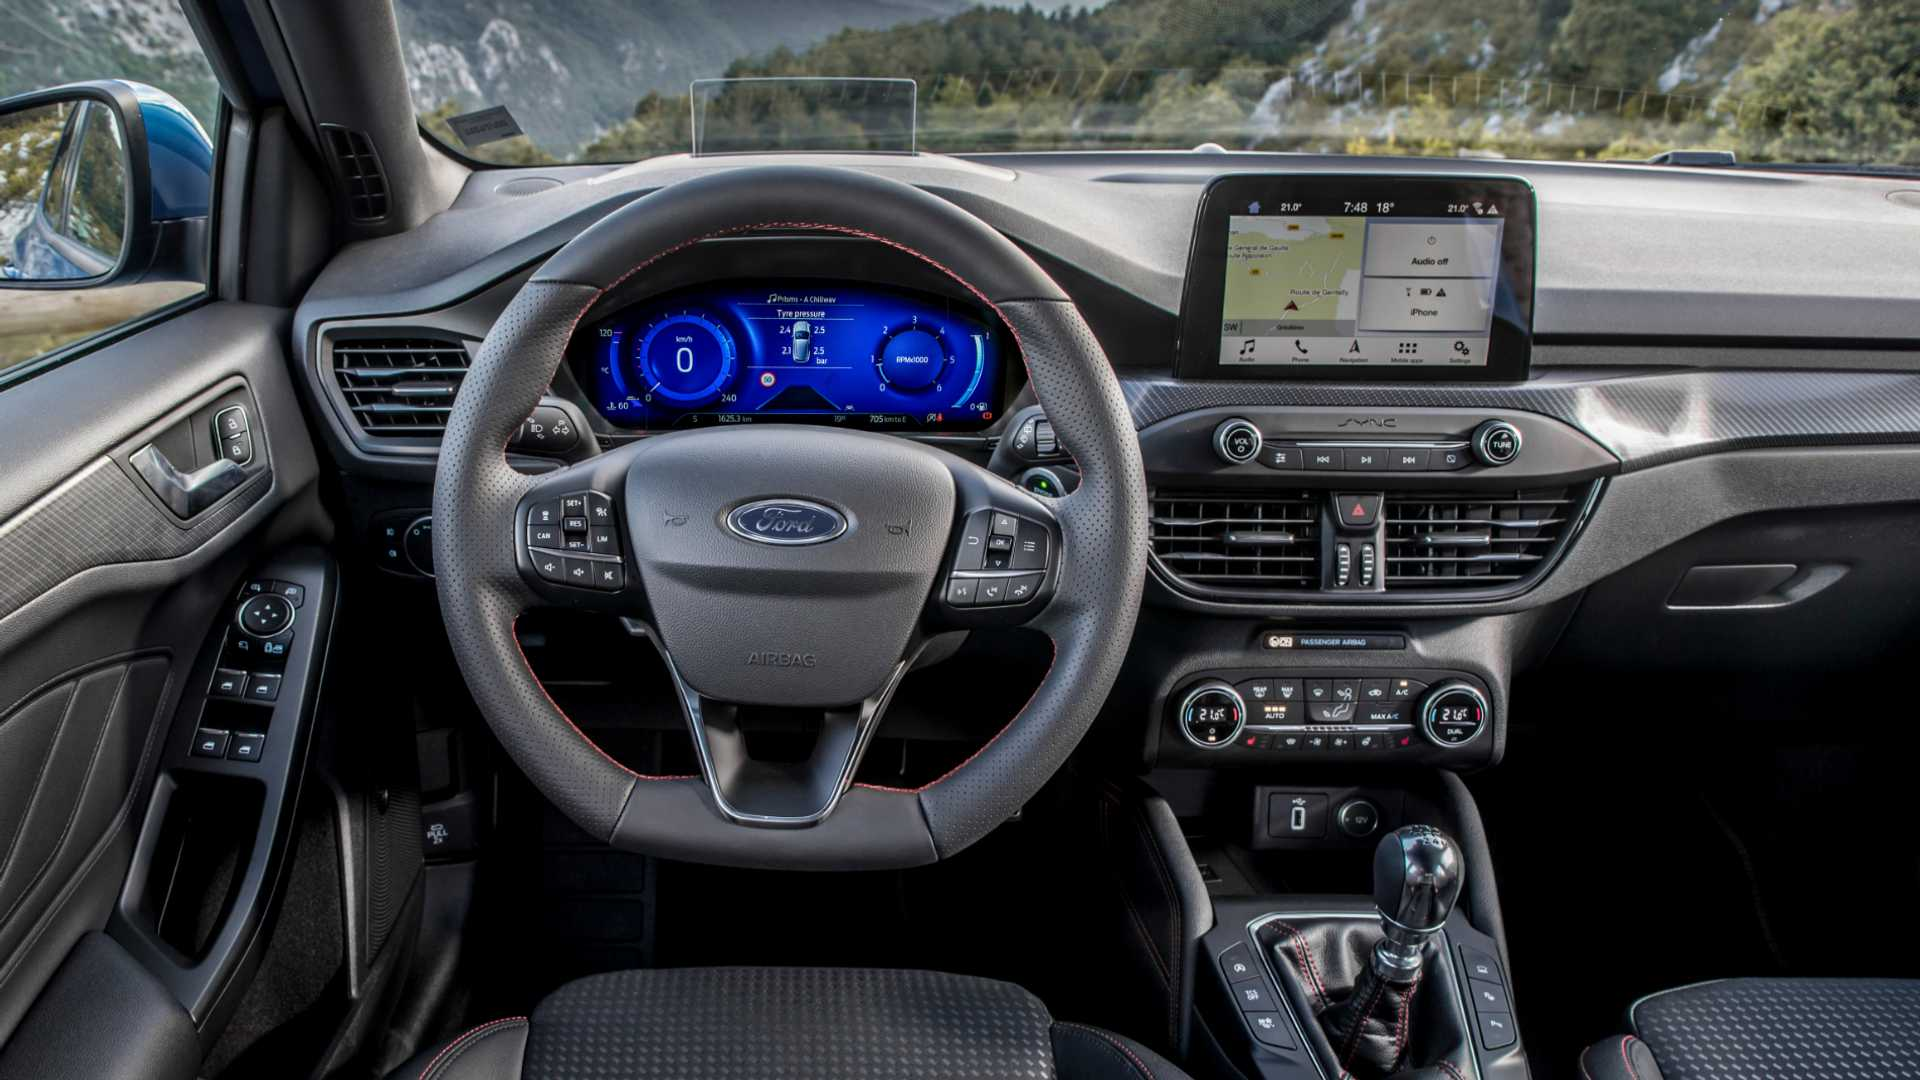 2020 Ford Focus Specs